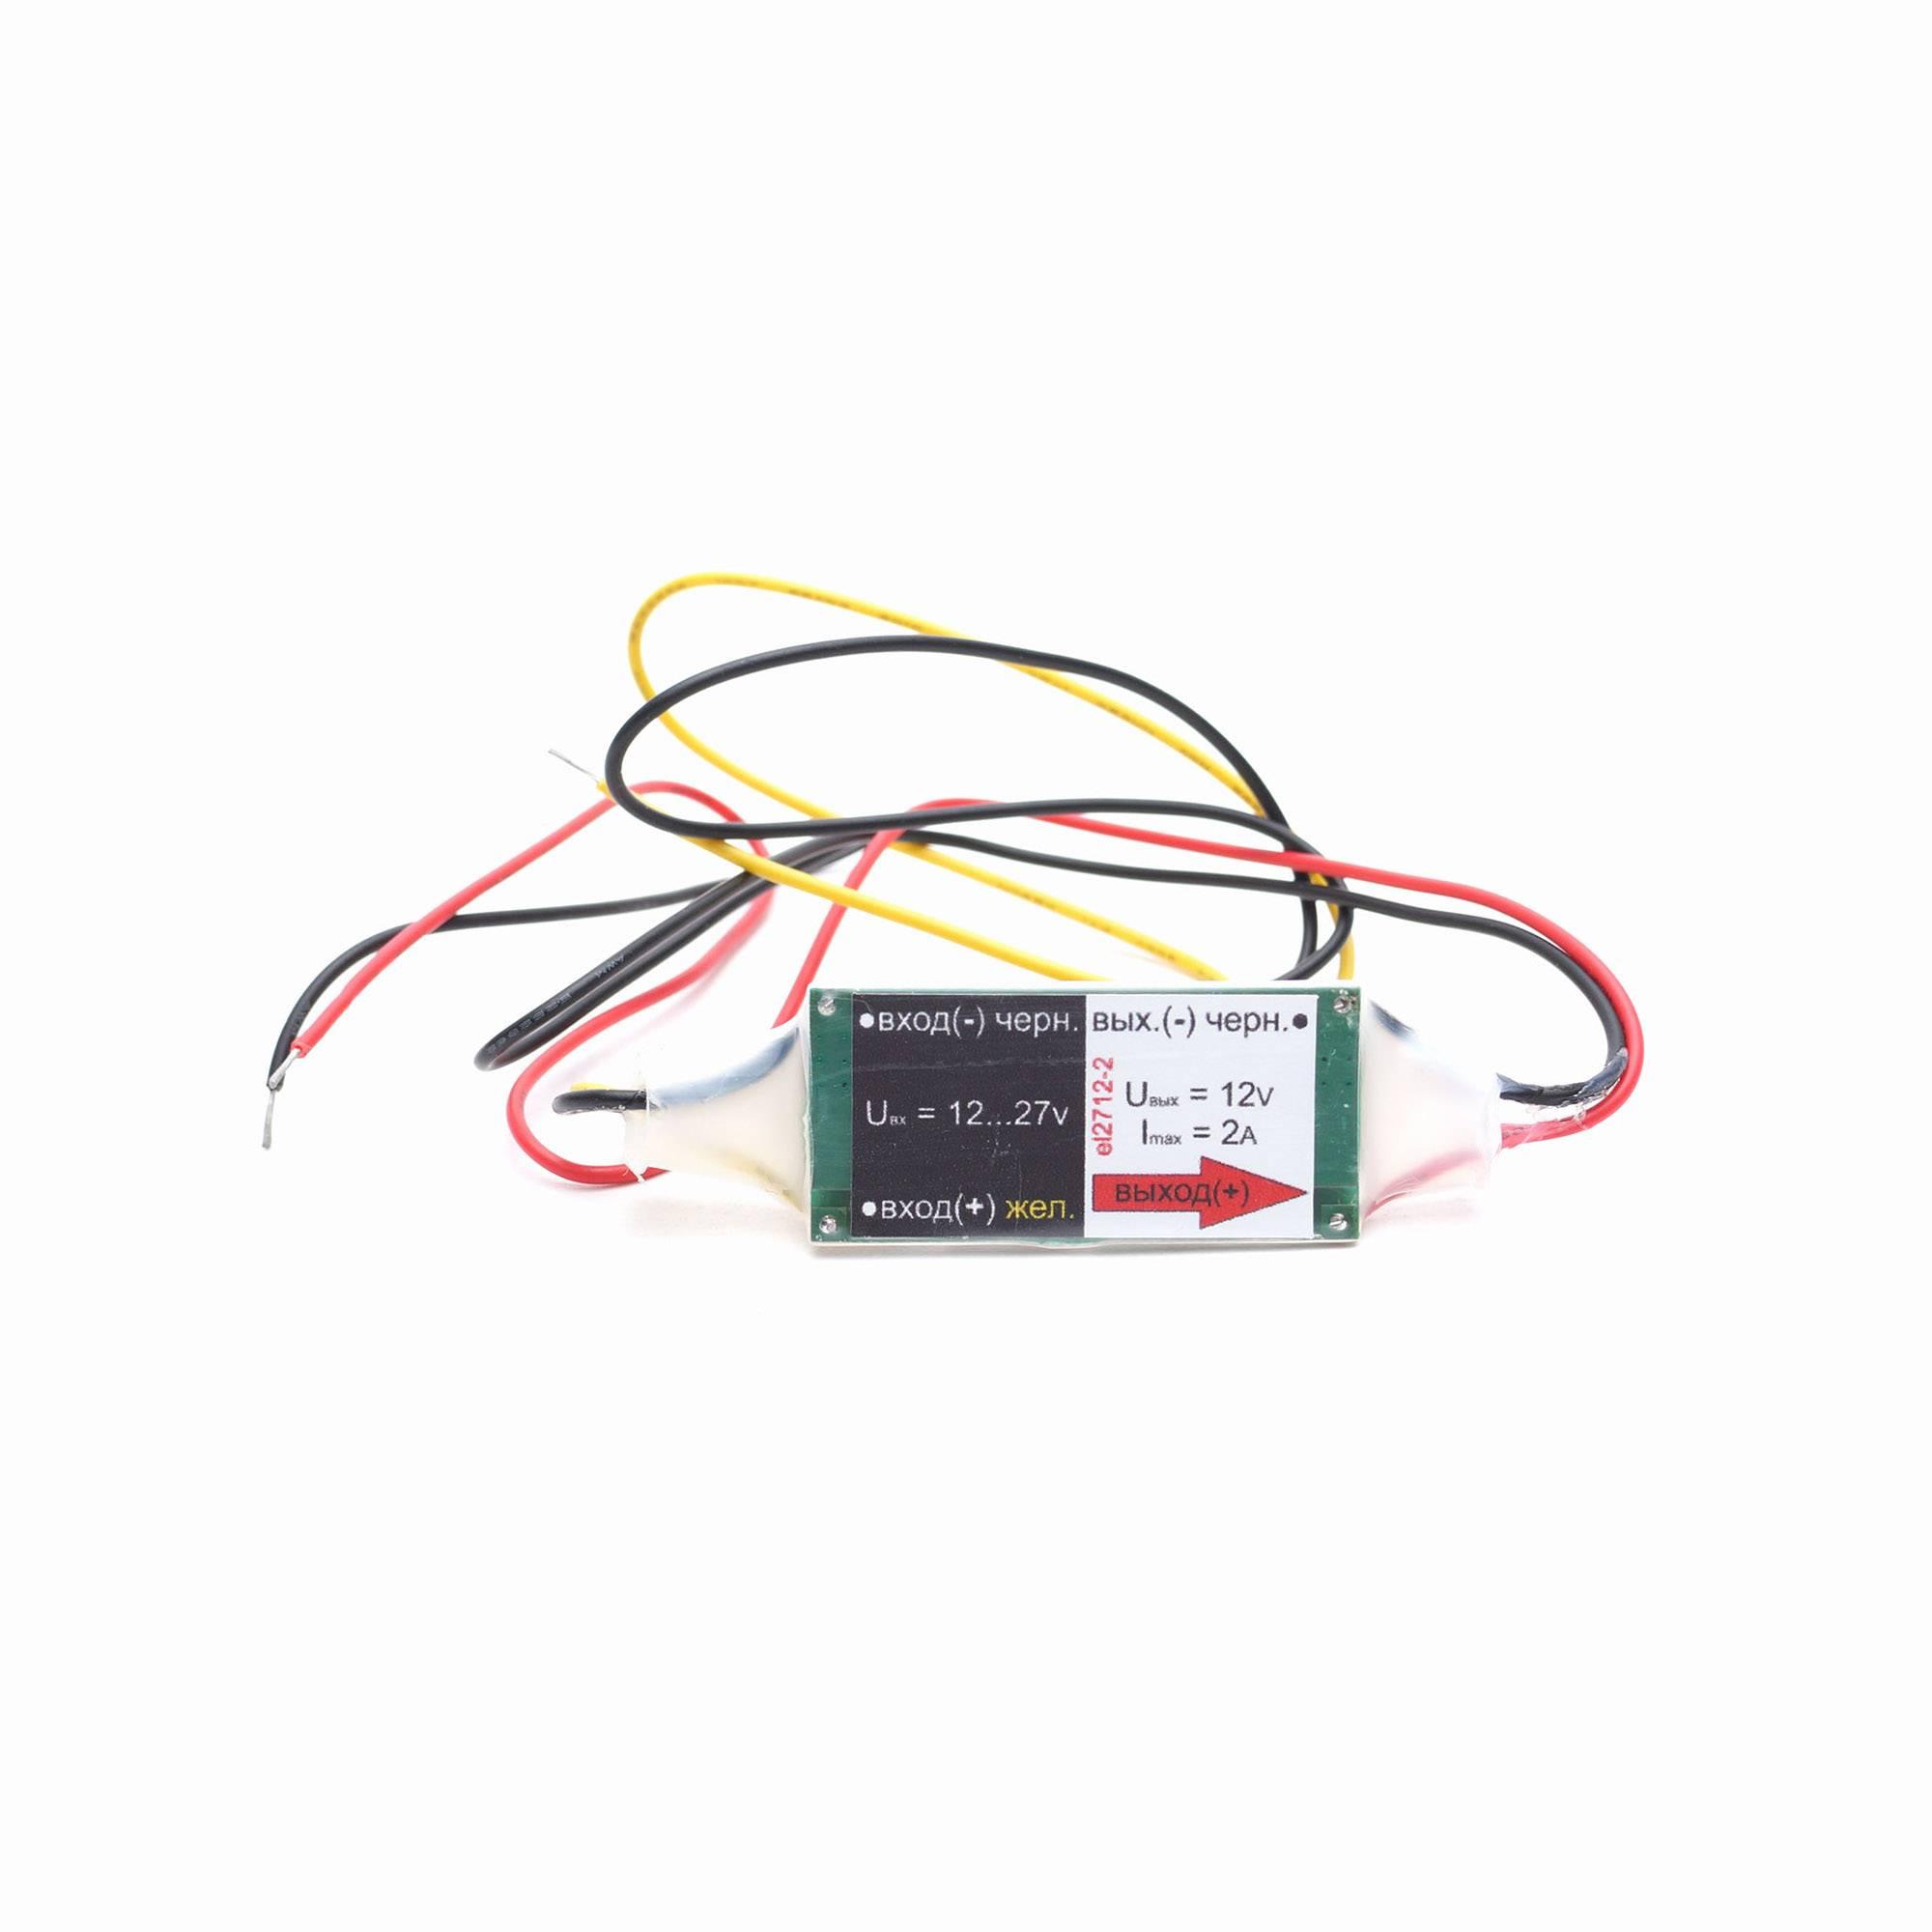 Стабилизатор тока для светодиодов: своими руками делаем устройство